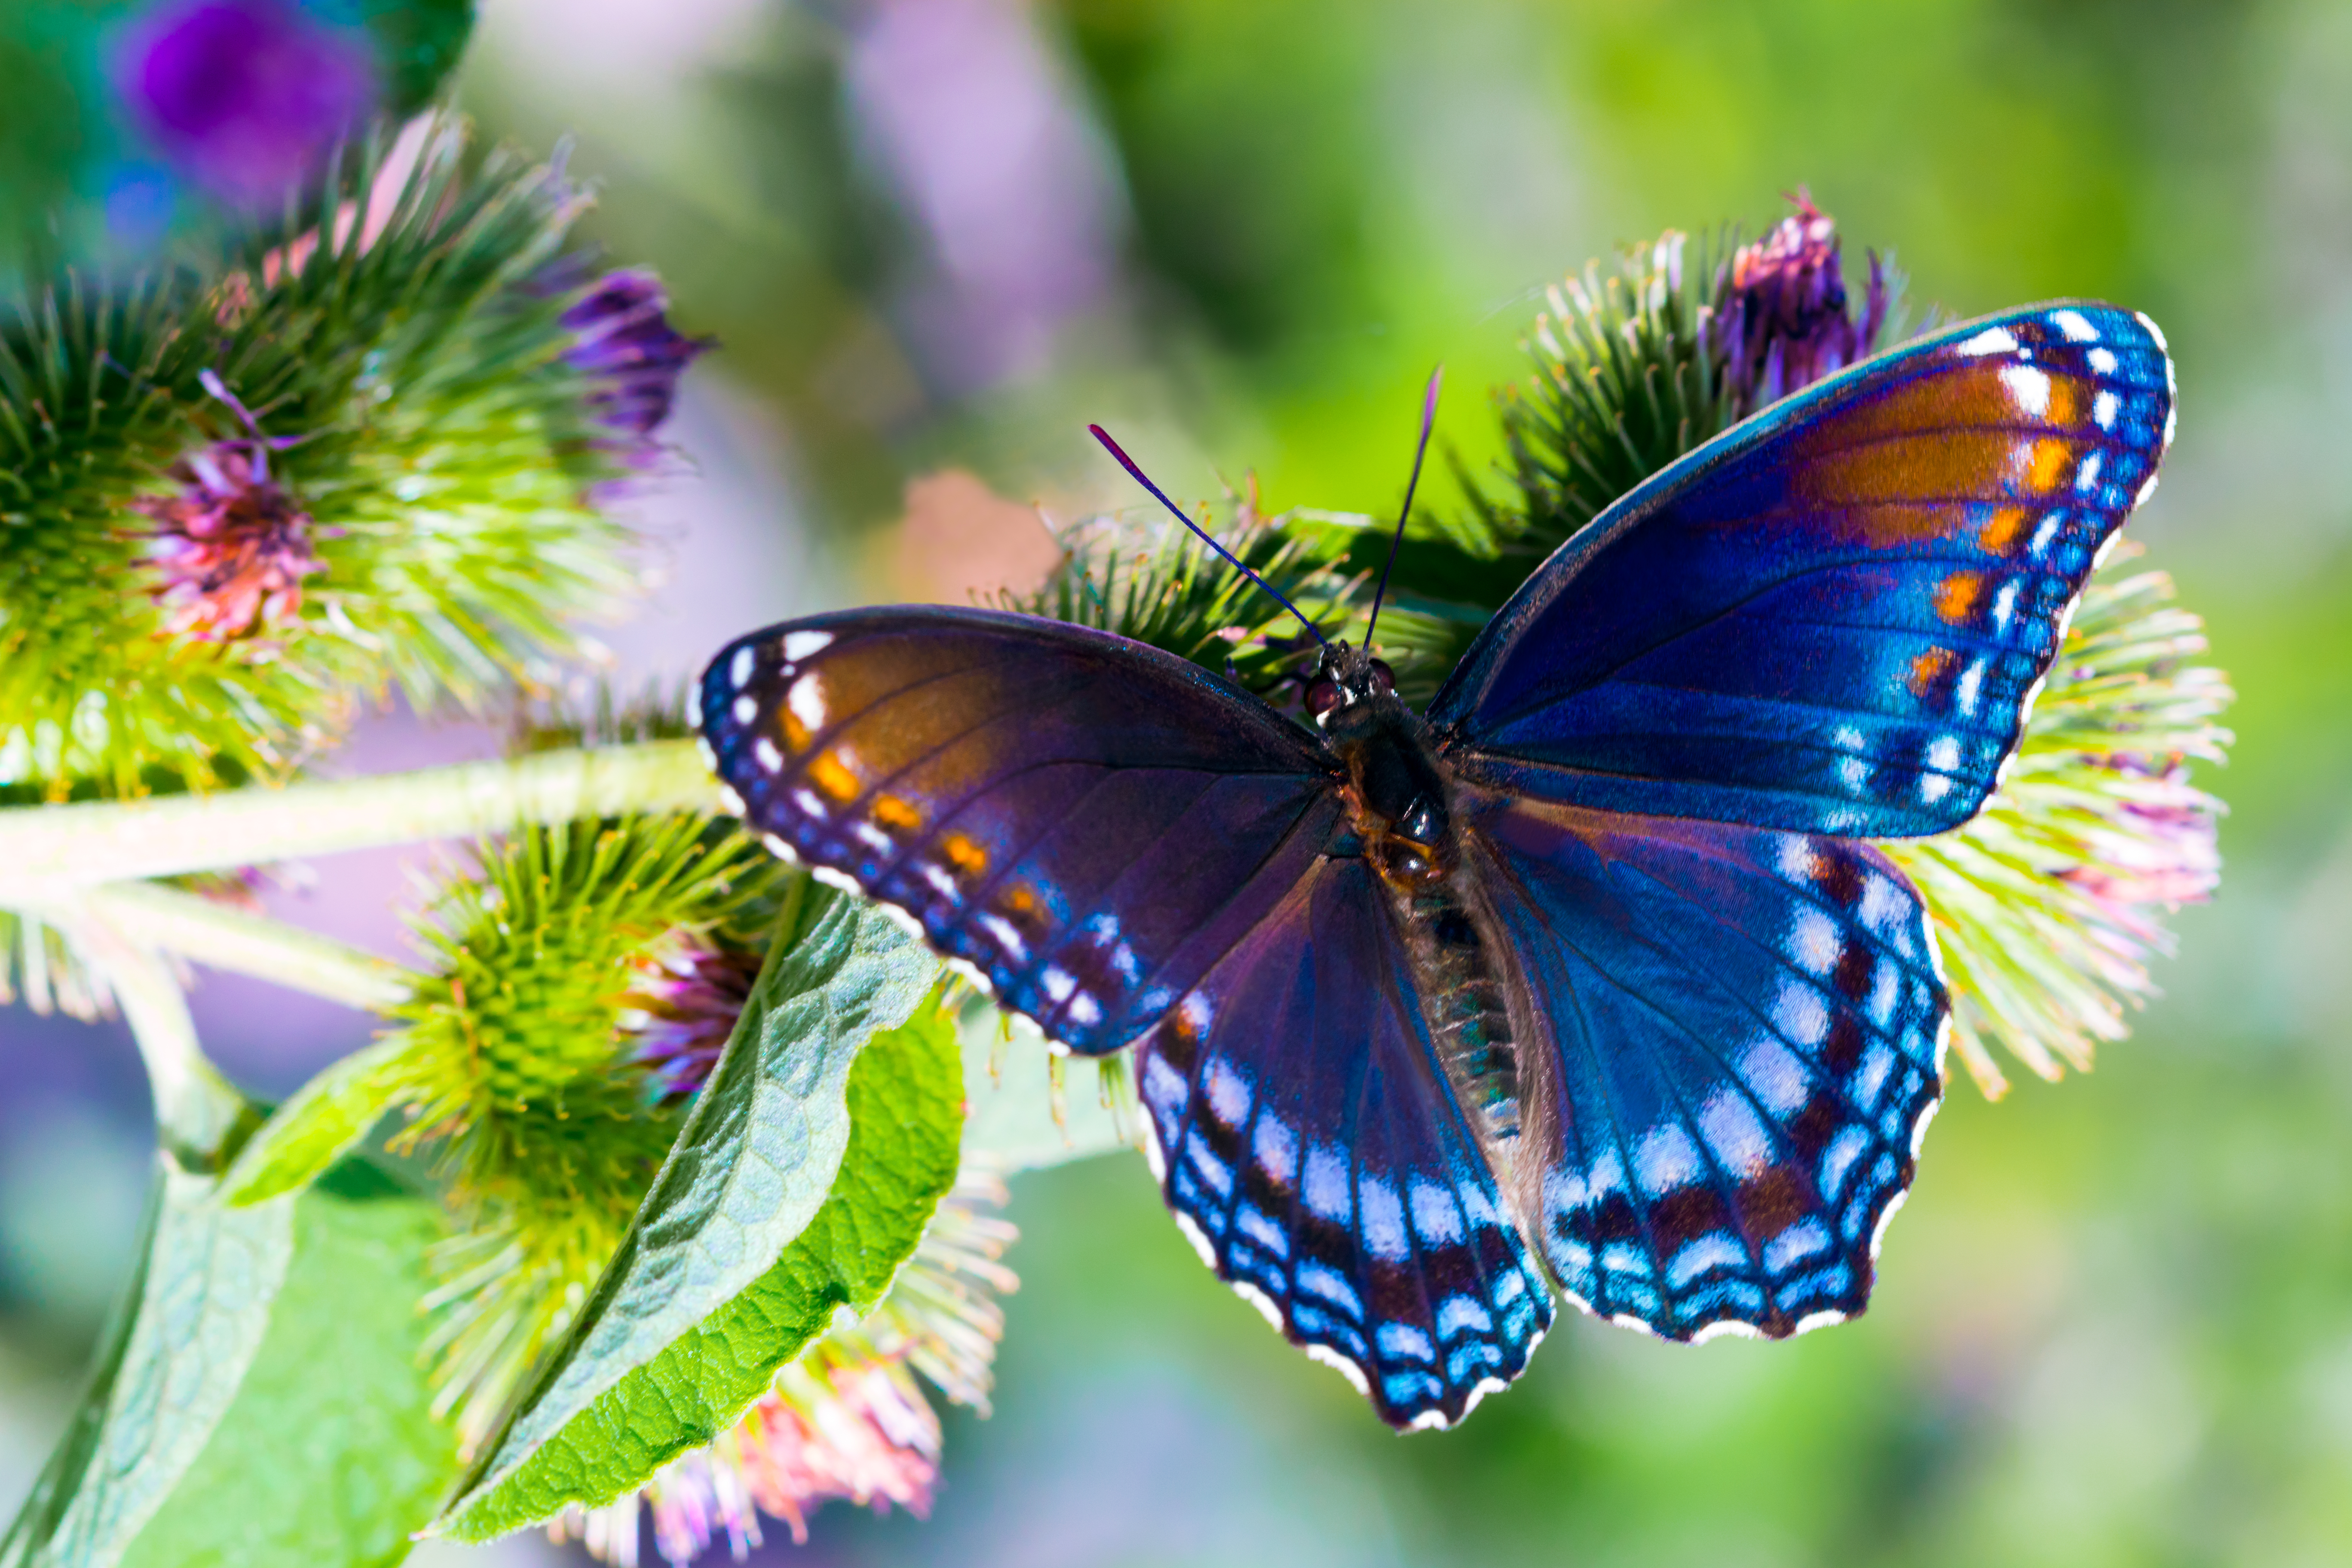 <p><strong>Пеперуди</strong>&nbsp;- Те обичат плодове и цветен нектар и за разлика от други насекоми, те отчаяно търсят алкохол. Пияните пеперуди не могат да се движат и застават на едно място, а ако се опитат да летят, обикновено не приключват добре. Замаяните животни могат да бъдат хванати лесно от хората, заради притъпените им сензори, които няма да засекат дори движение.&nbsp;</p>  <p>&nbsp;</p>